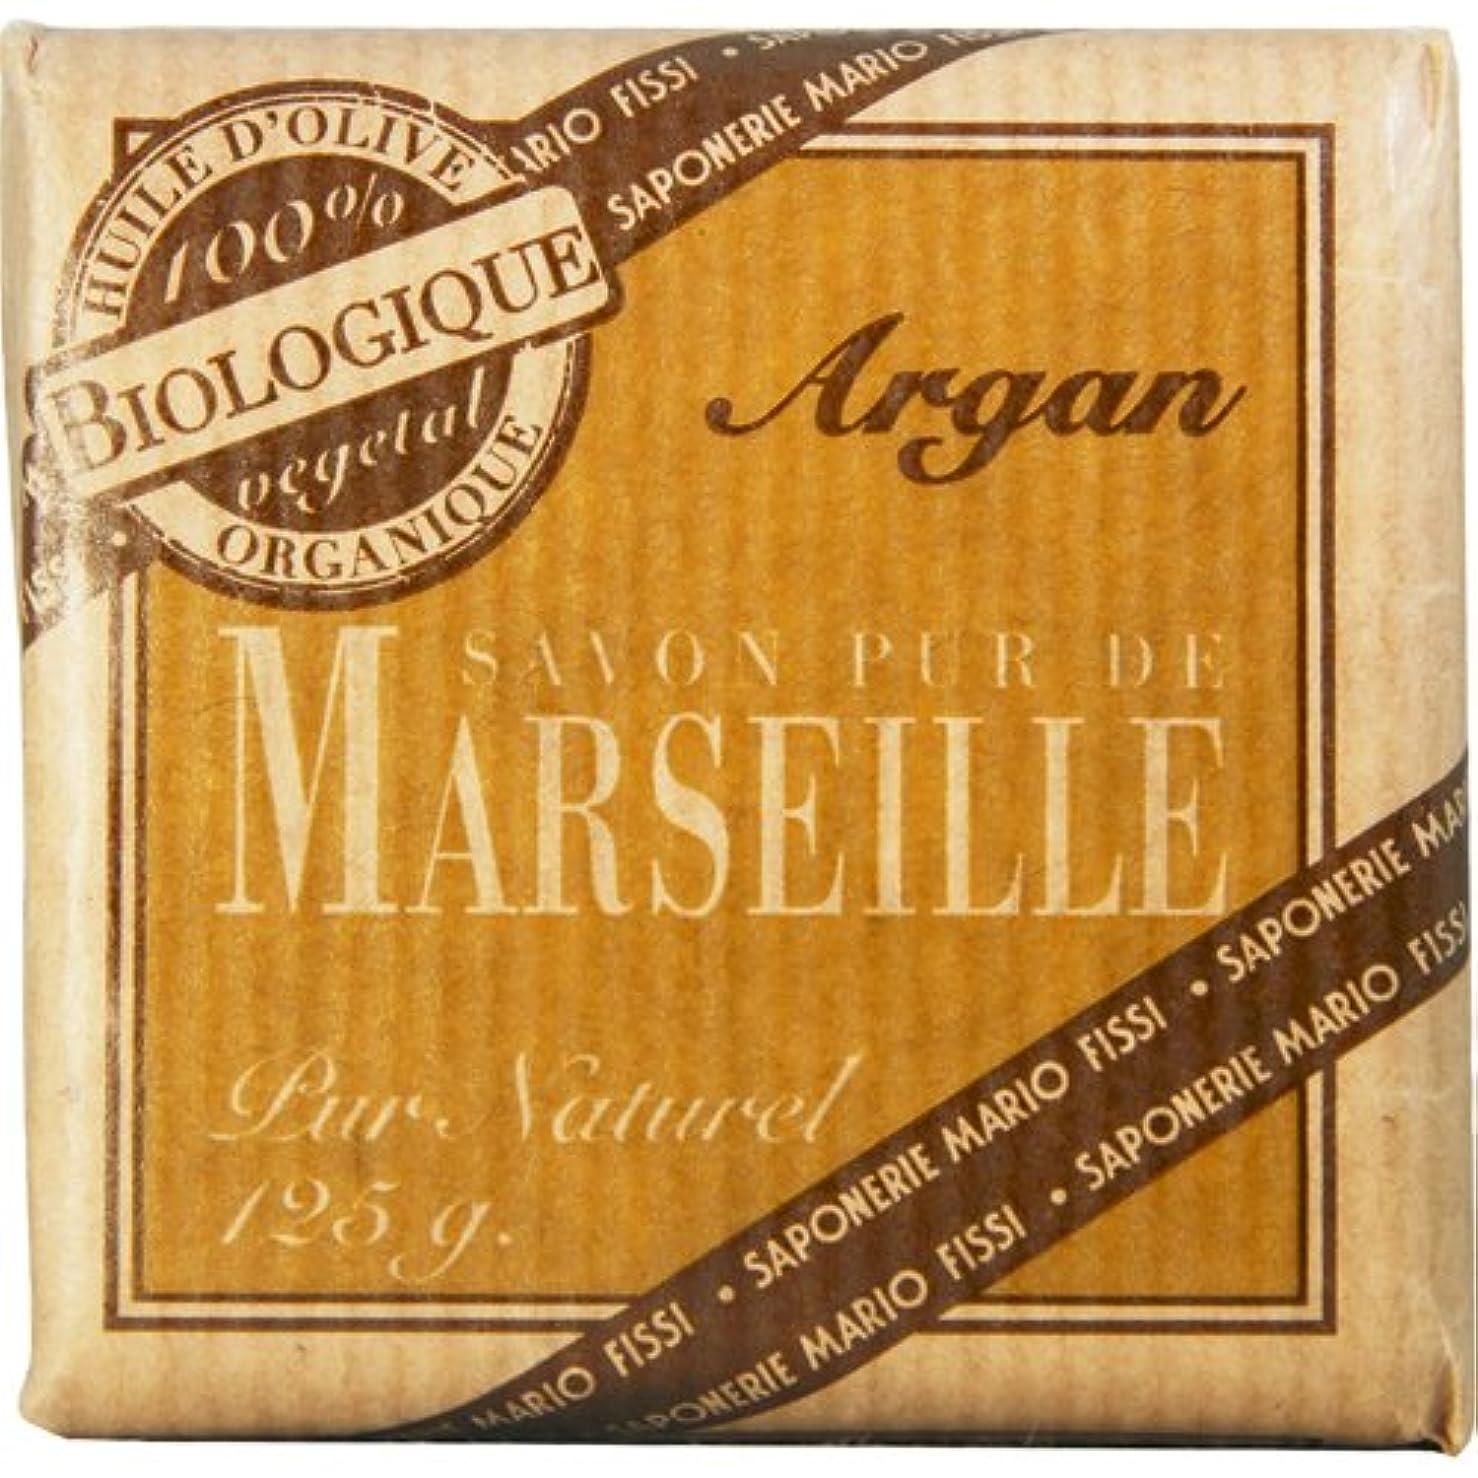 すずめキッチンページェントSaponerire Fissi マルセイユシリーズ マルセイユソープ 125g Argan アルガン